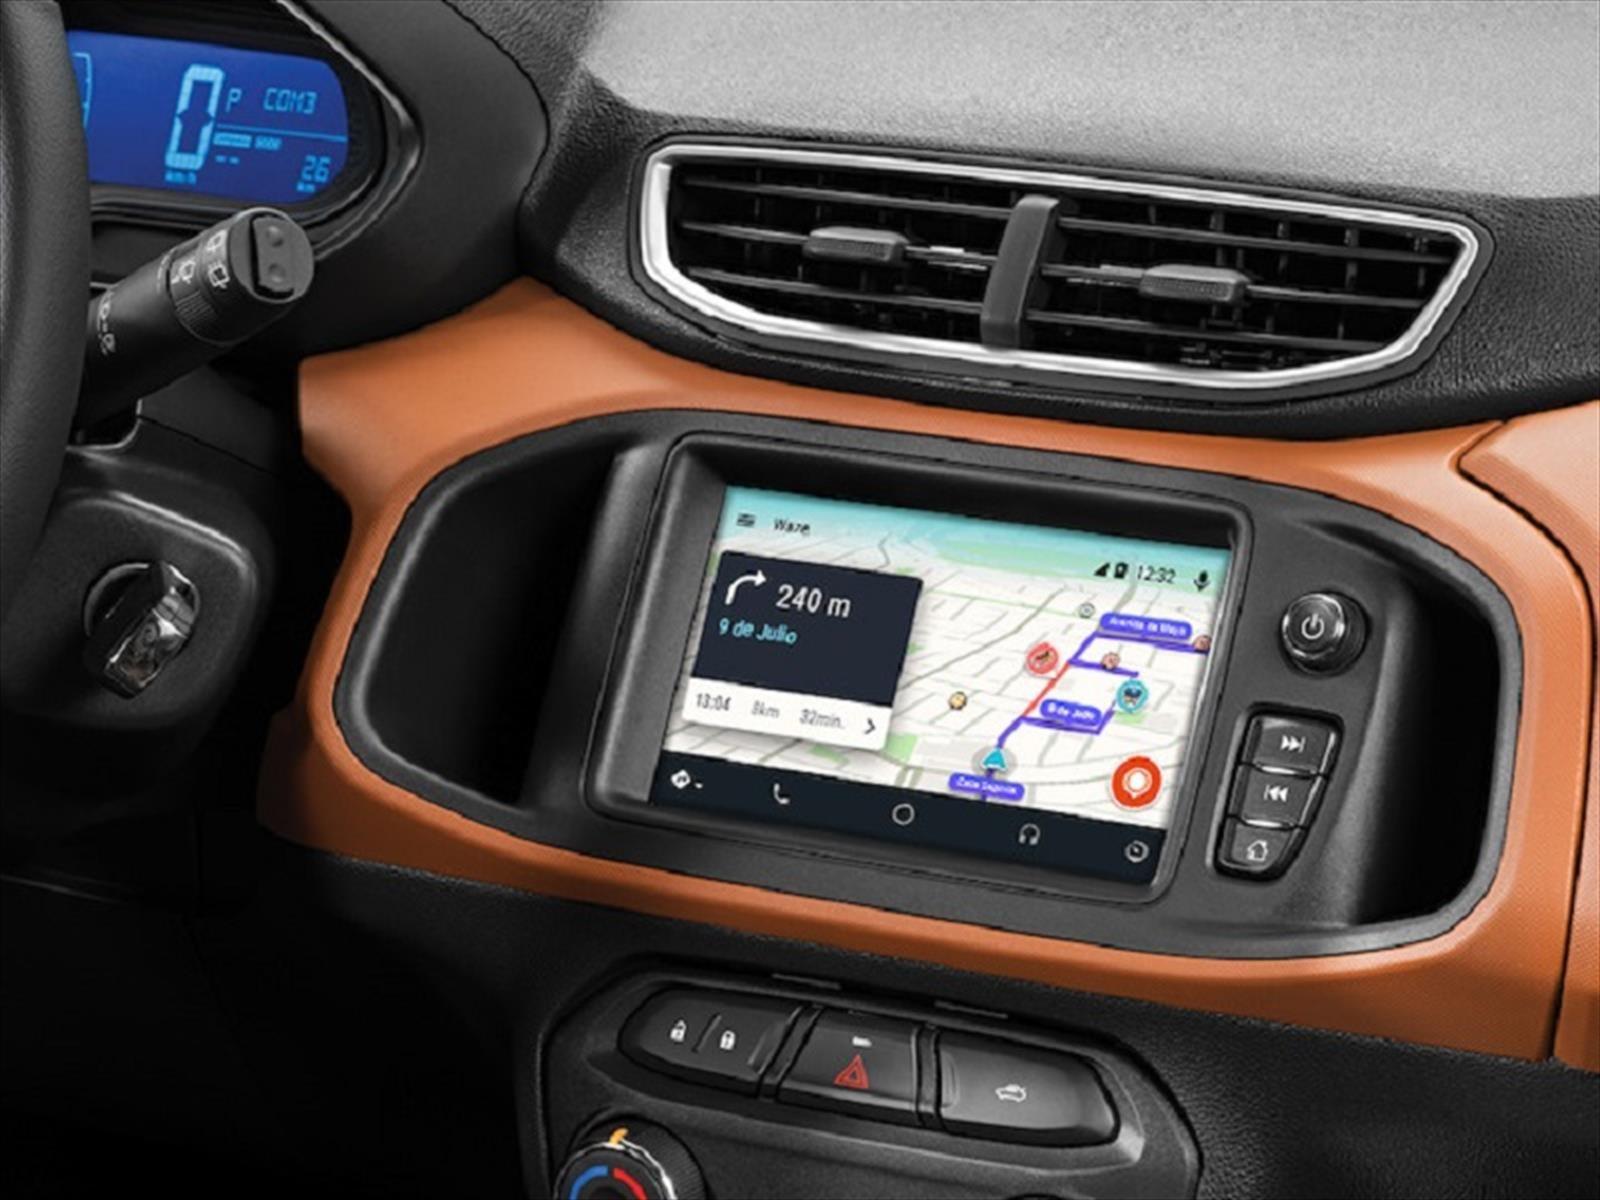 El anuncio más esperado: Waze llega a Android Auto